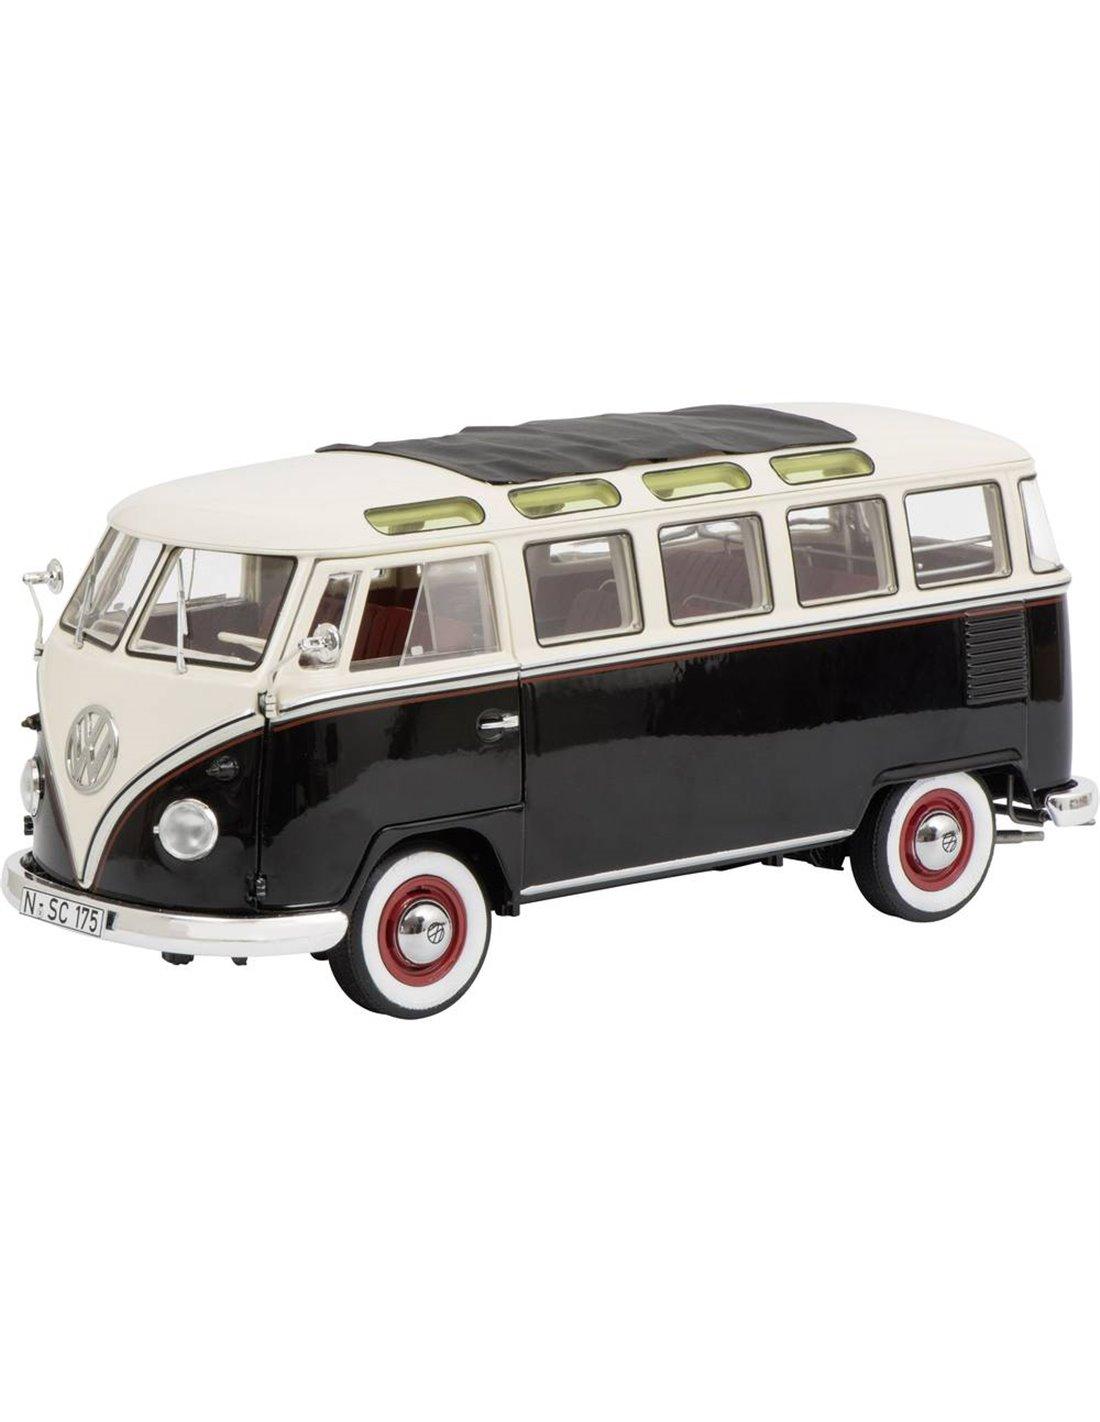 Schuco 450028700 1 18 Volkswagen T1b Samba bianco e nero